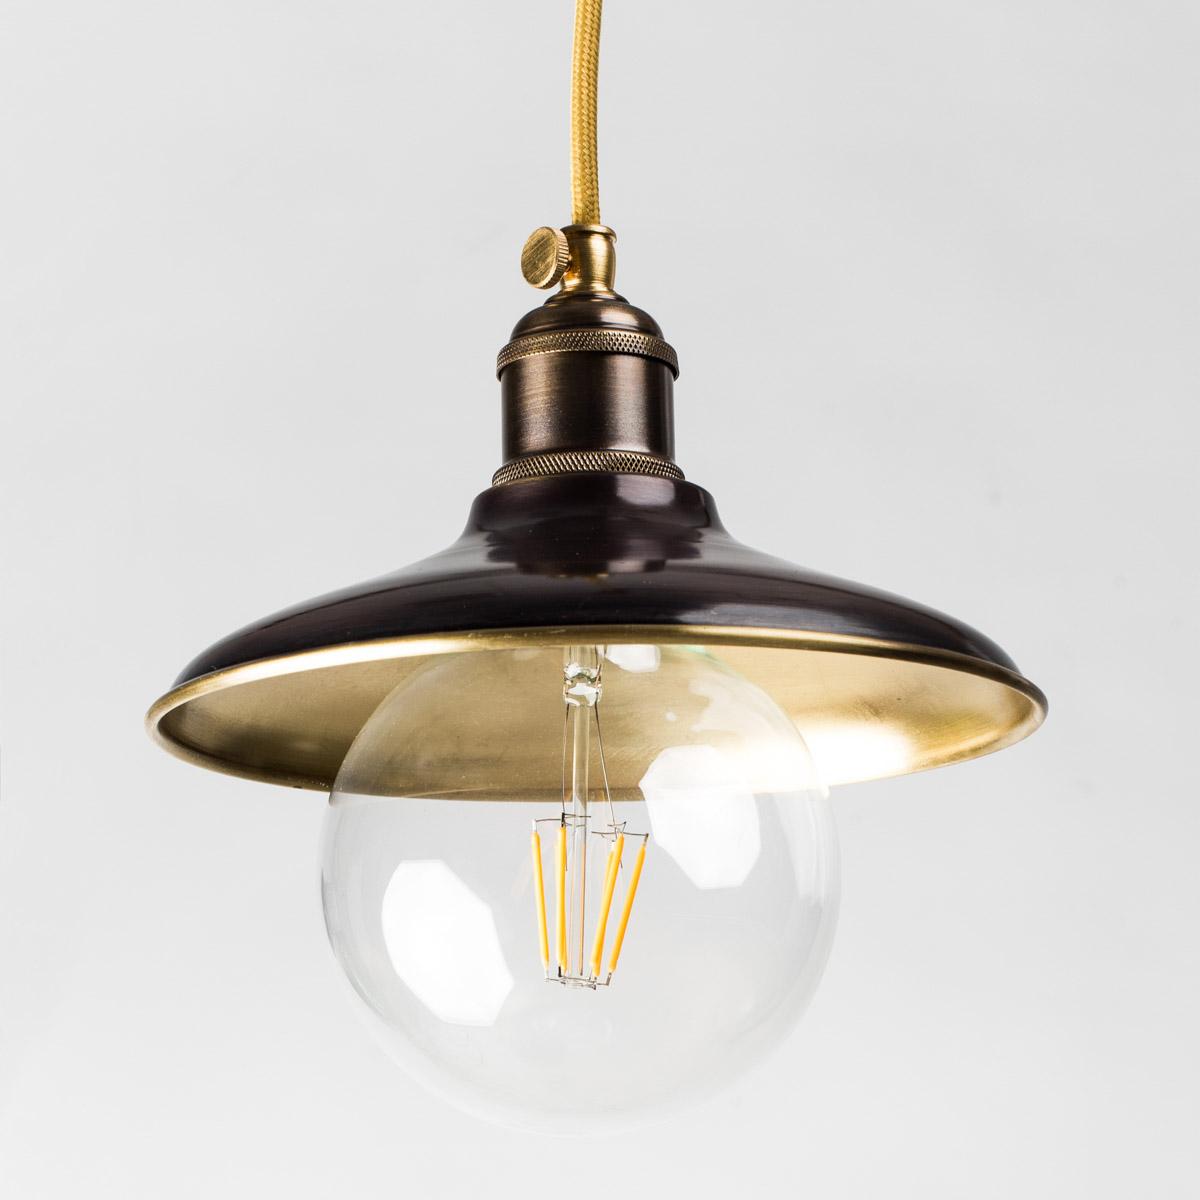 Потолочный светильник 1194 латунный коричневый